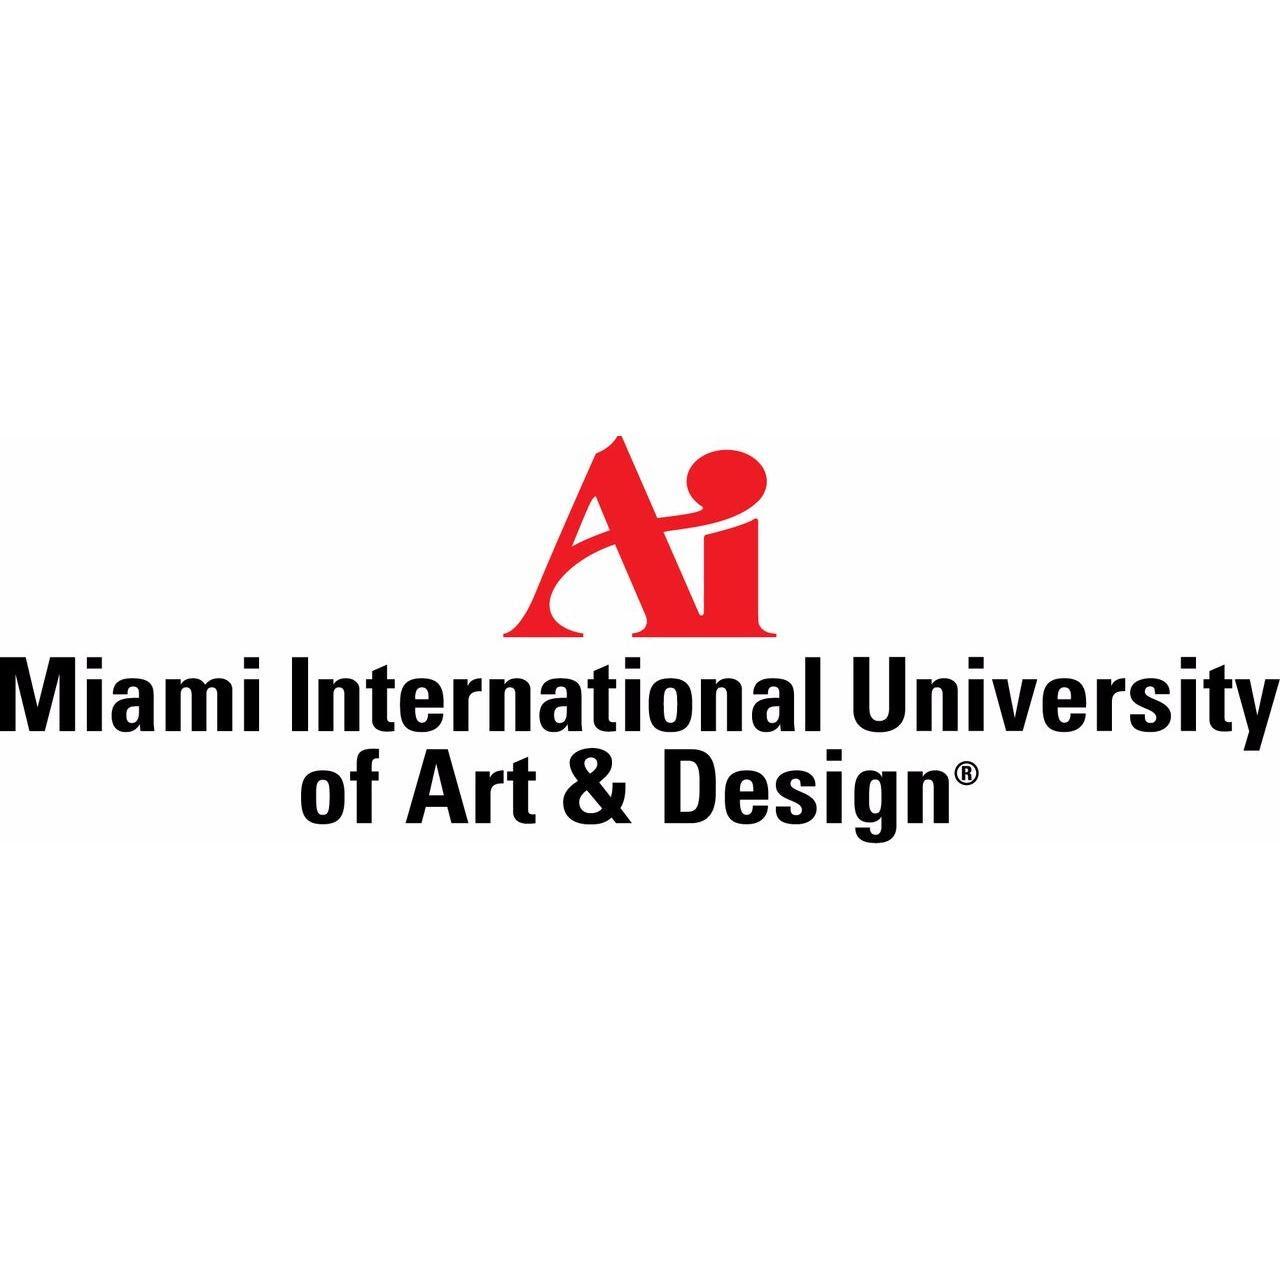 Miami International University of Art & Design - Miami, FL - Company Profile